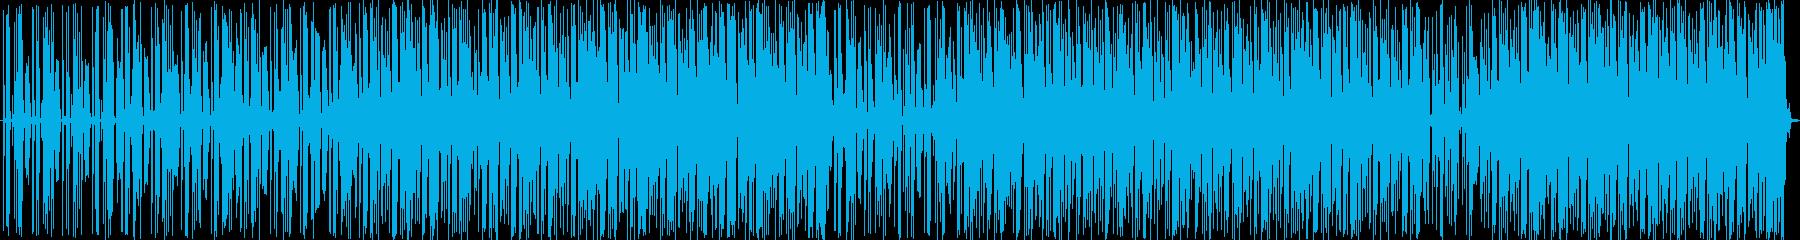 電気楽器。ロボット機械式パルス溝。...の再生済みの波形